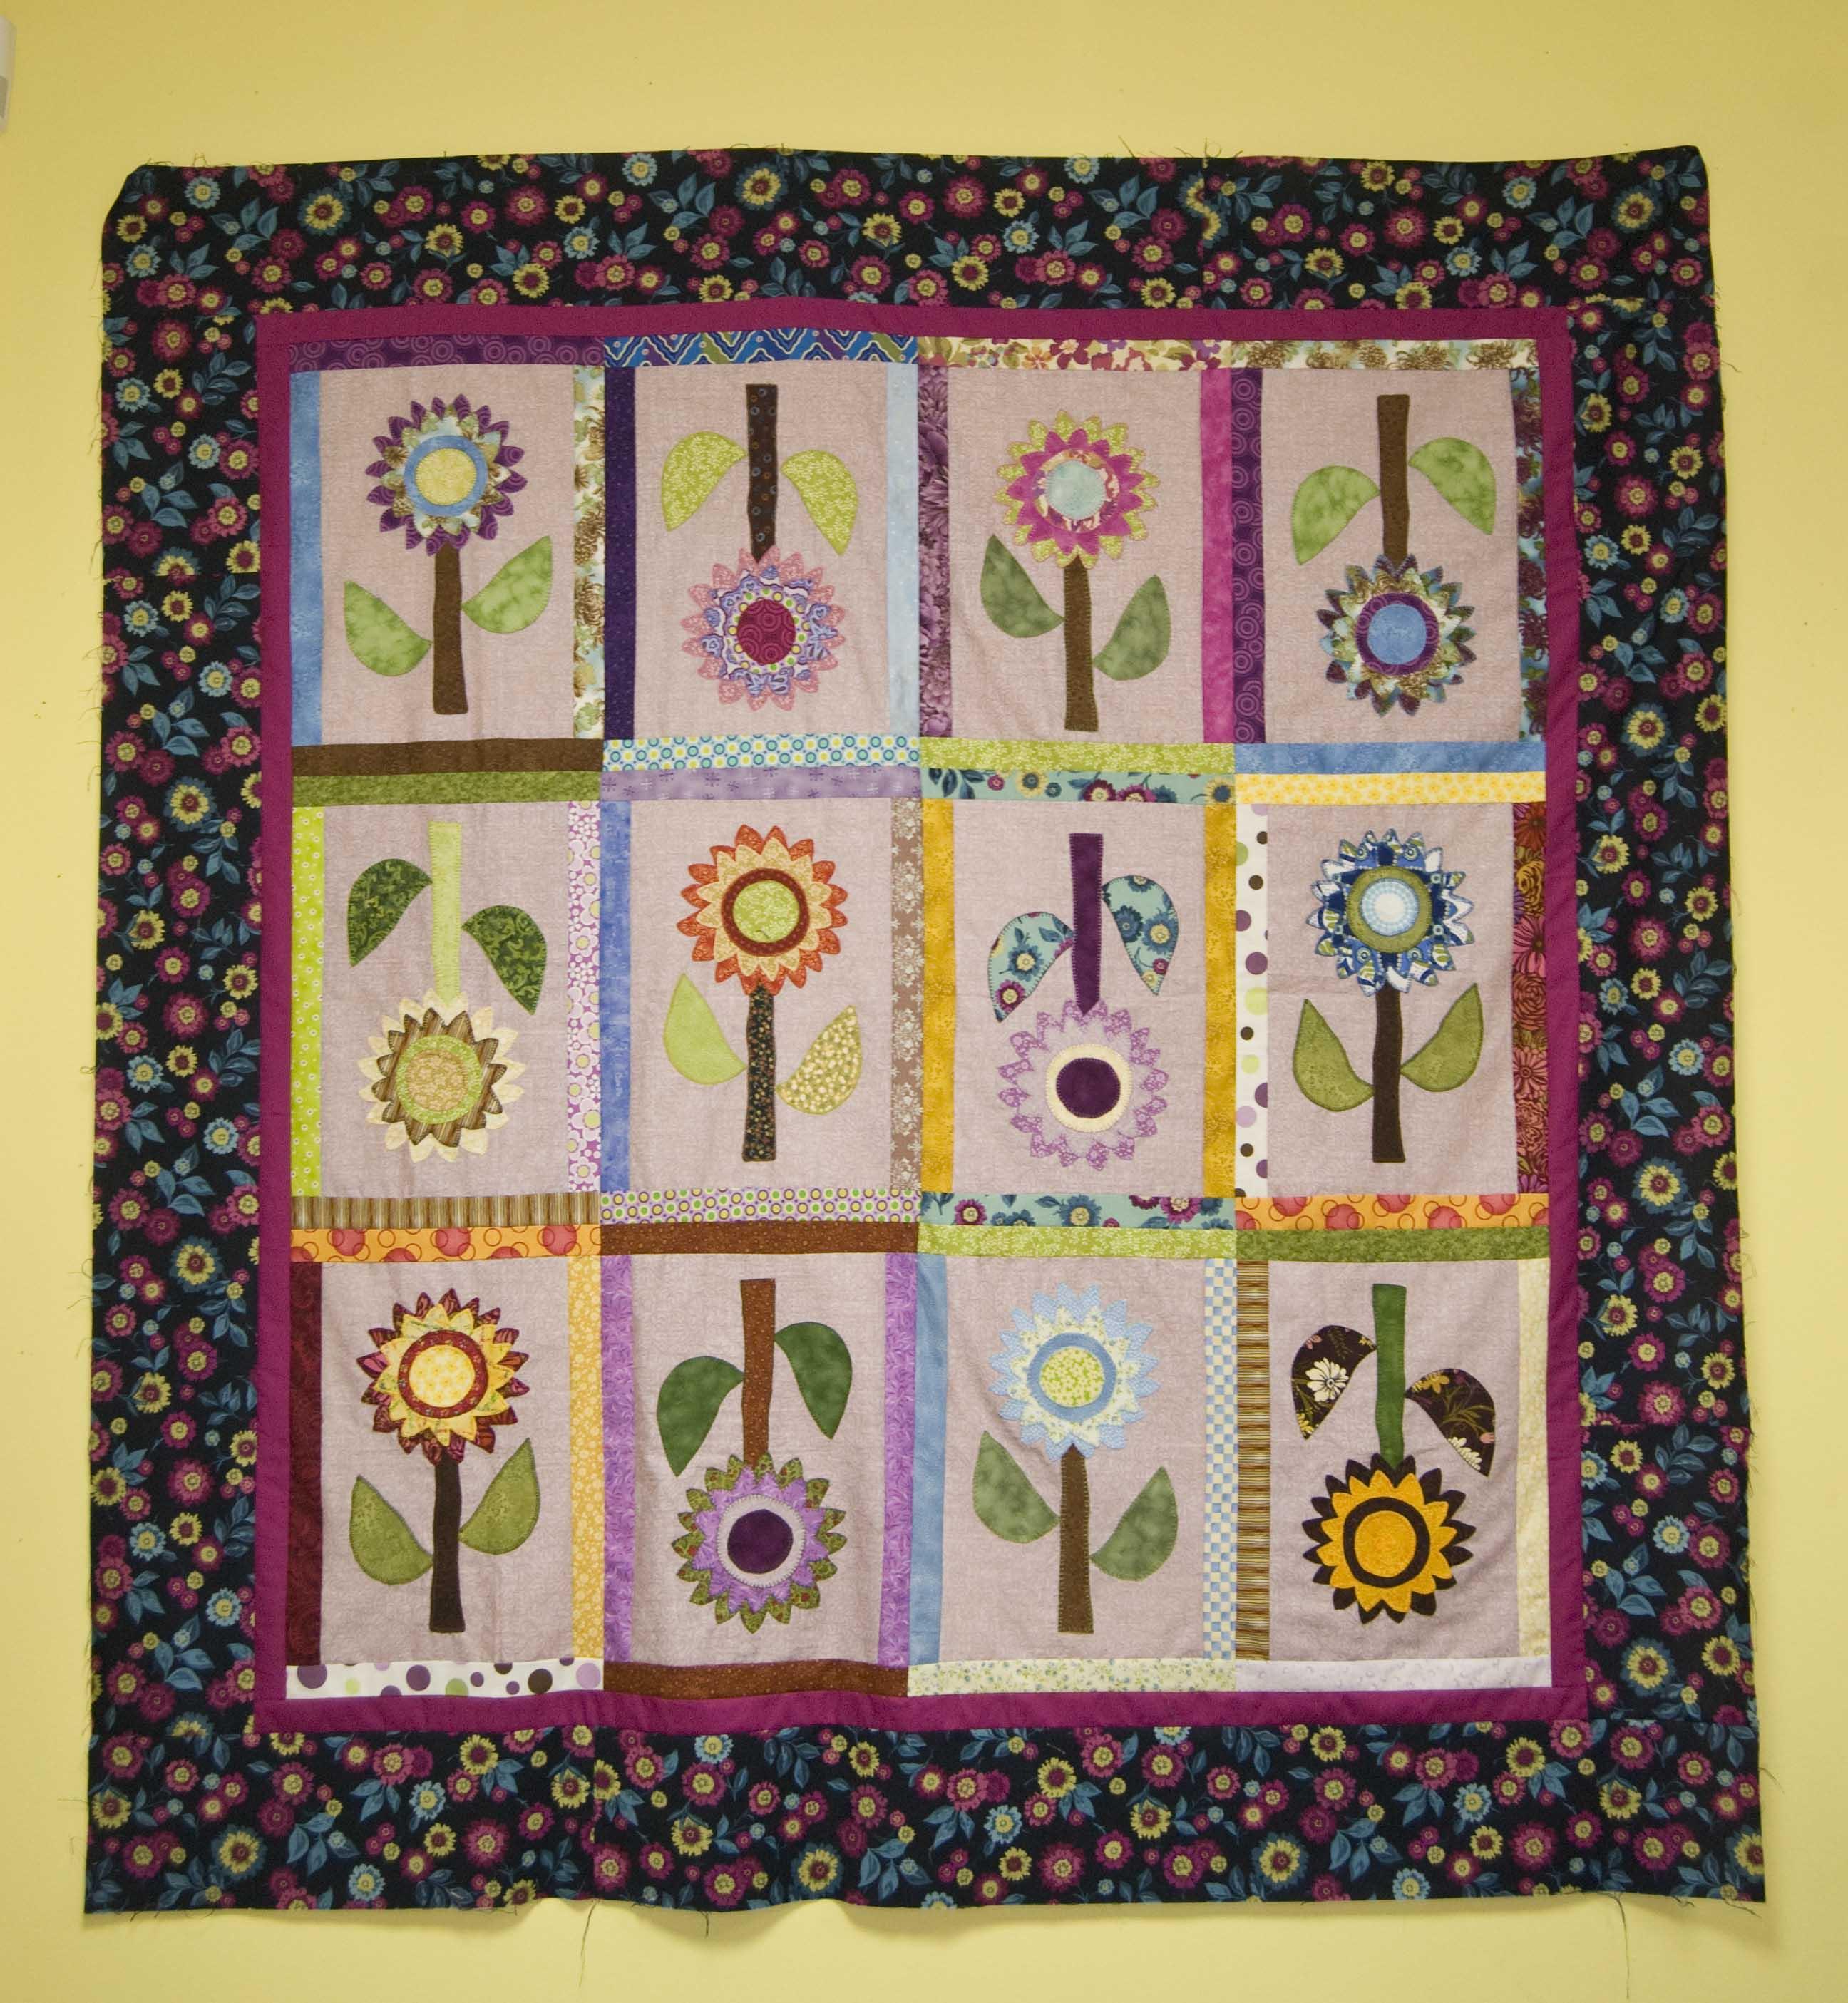 Colcha flores la rueca patchwork su tienda de labores en internet - Colcha patchwork ...